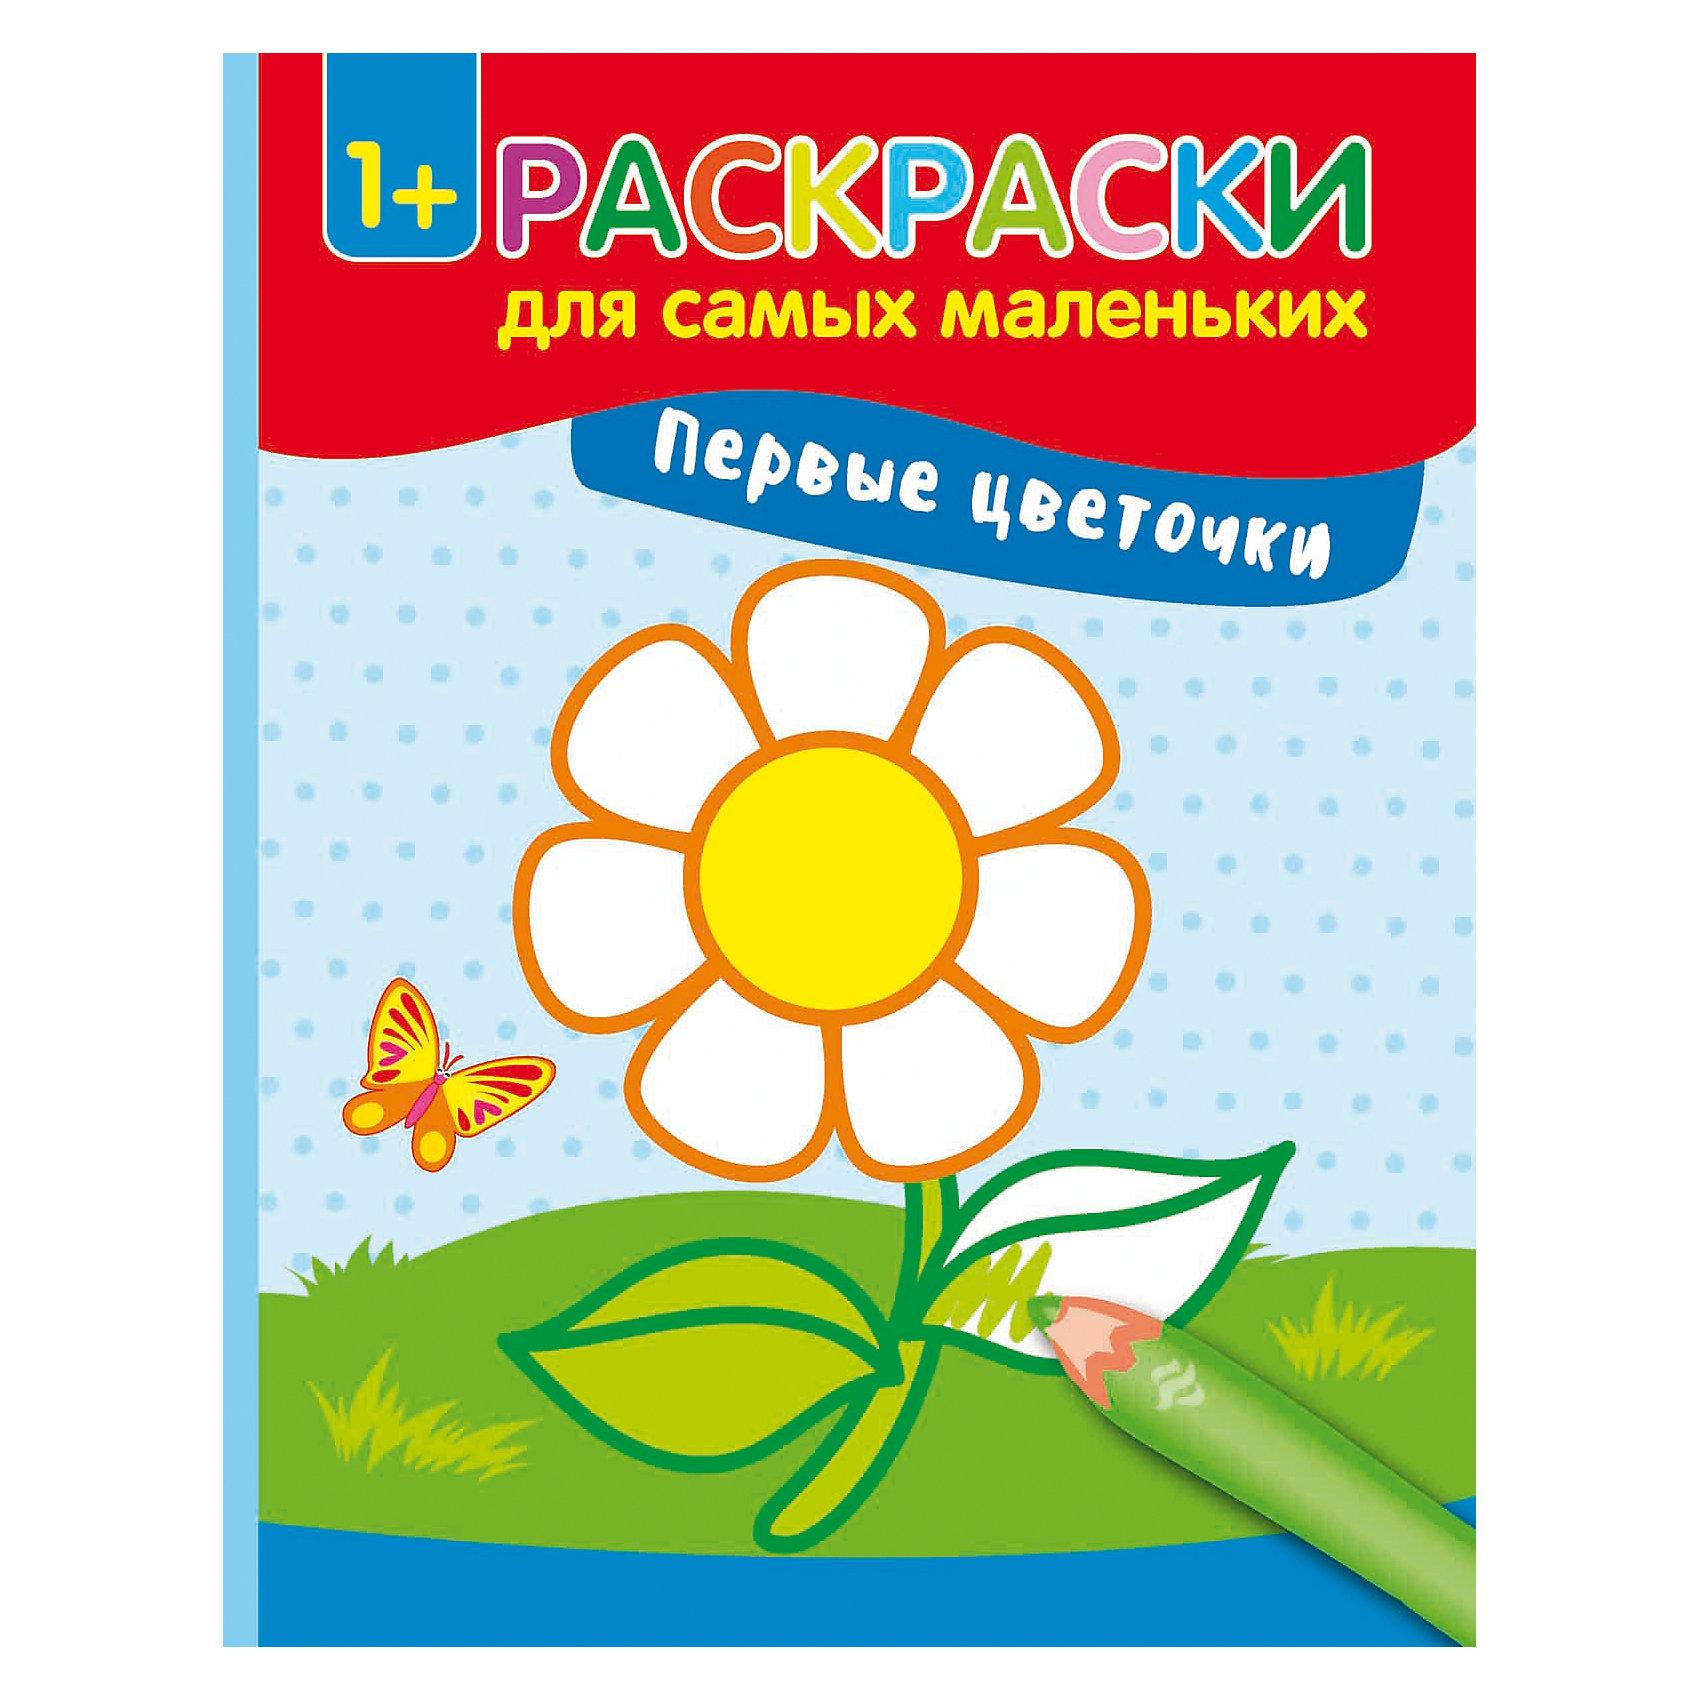 Первые цветочки: книжка-раскраскаВ этой книжке-раскраске цветные контуры помогут малышу сориентироваться в выборе нужного карандаша для раскрашивания картинки. Сами картинки выполнены очень крупно, чтобы маленьким пальчикам было не так сложно, а веселые и яркие персонажи сделают творчес<br><br>Ширина мм: 256<br>Глубина мм: 1<br>Высота мм: 199<br>Вес г: 35<br>Возраст от месяцев: 12<br>Возраст до месяцев: 60<br>Пол: Унисекс<br>Возраст: Детский<br>SKU: 5120141